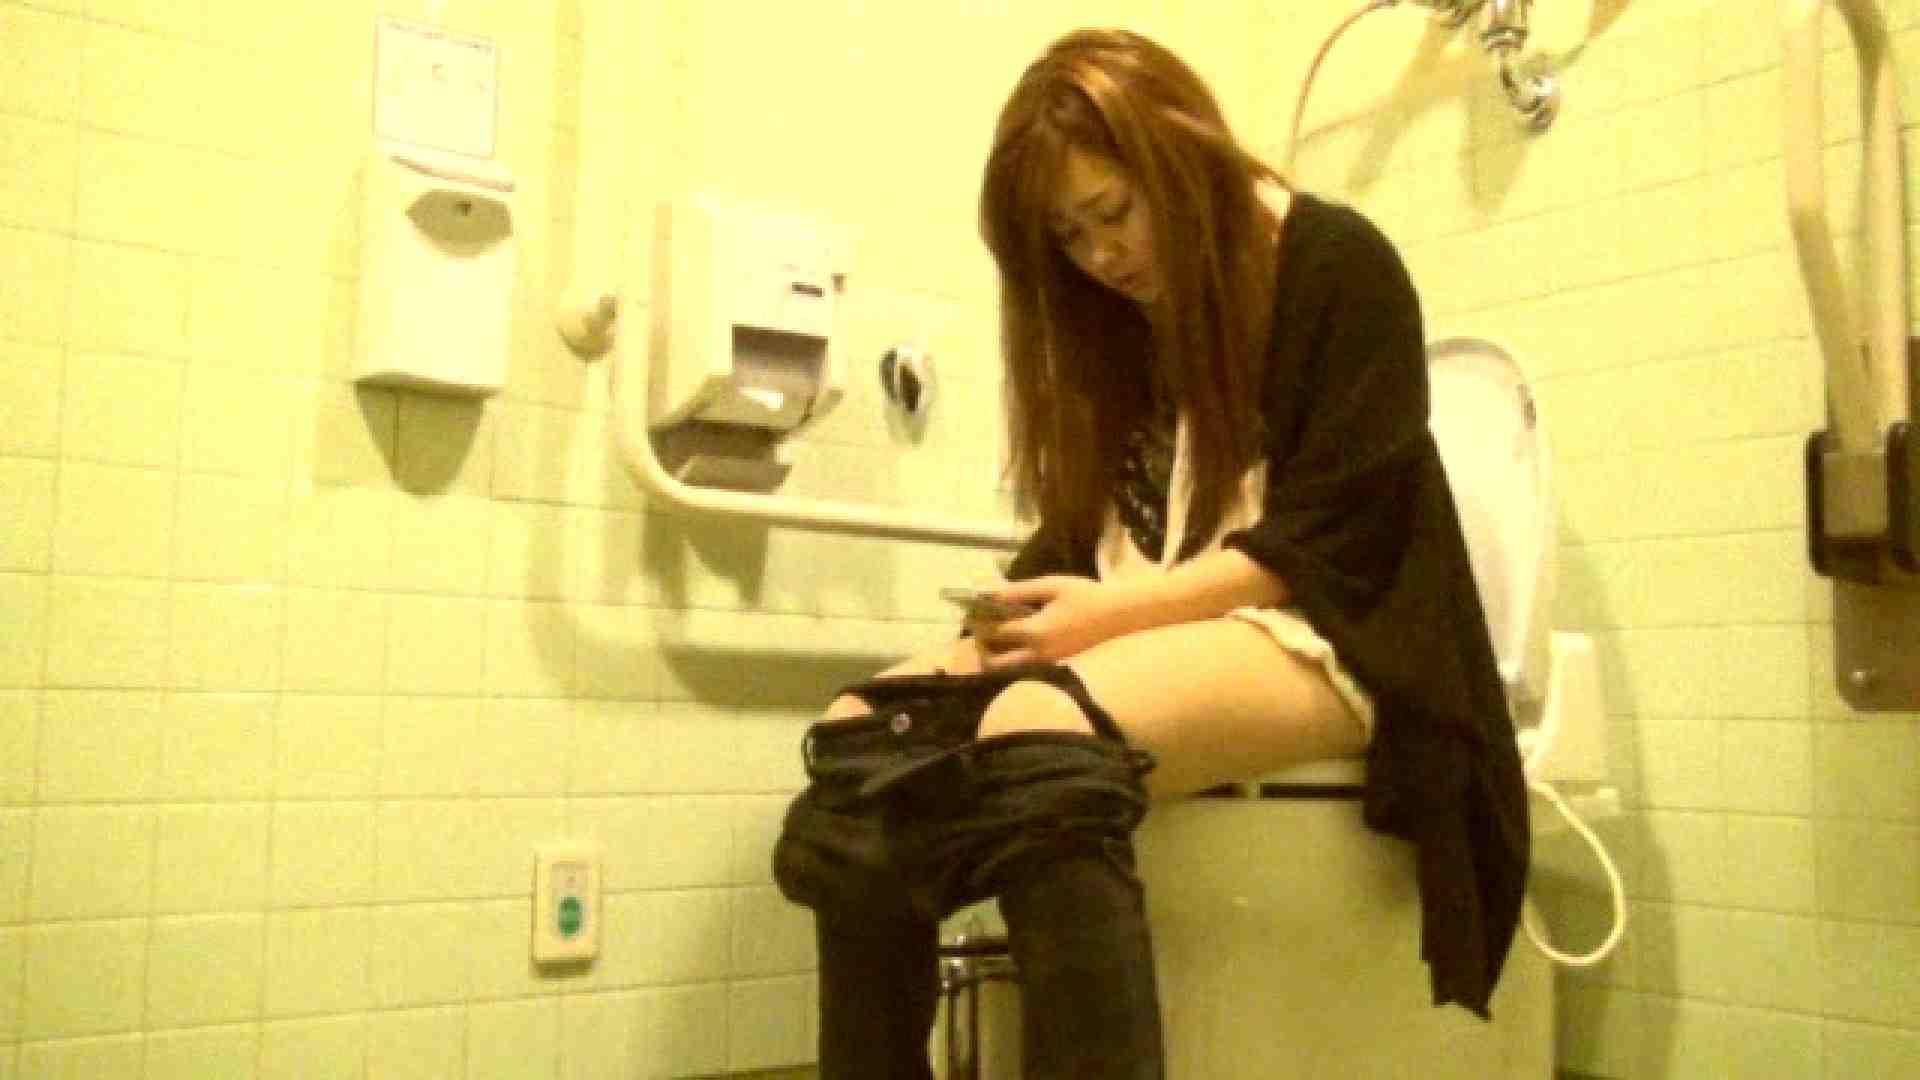 魔術師の お・も・て・な・し vol.26 19歳のバーの店員さんの洗面所をしばし… OLの実態  90pic 27